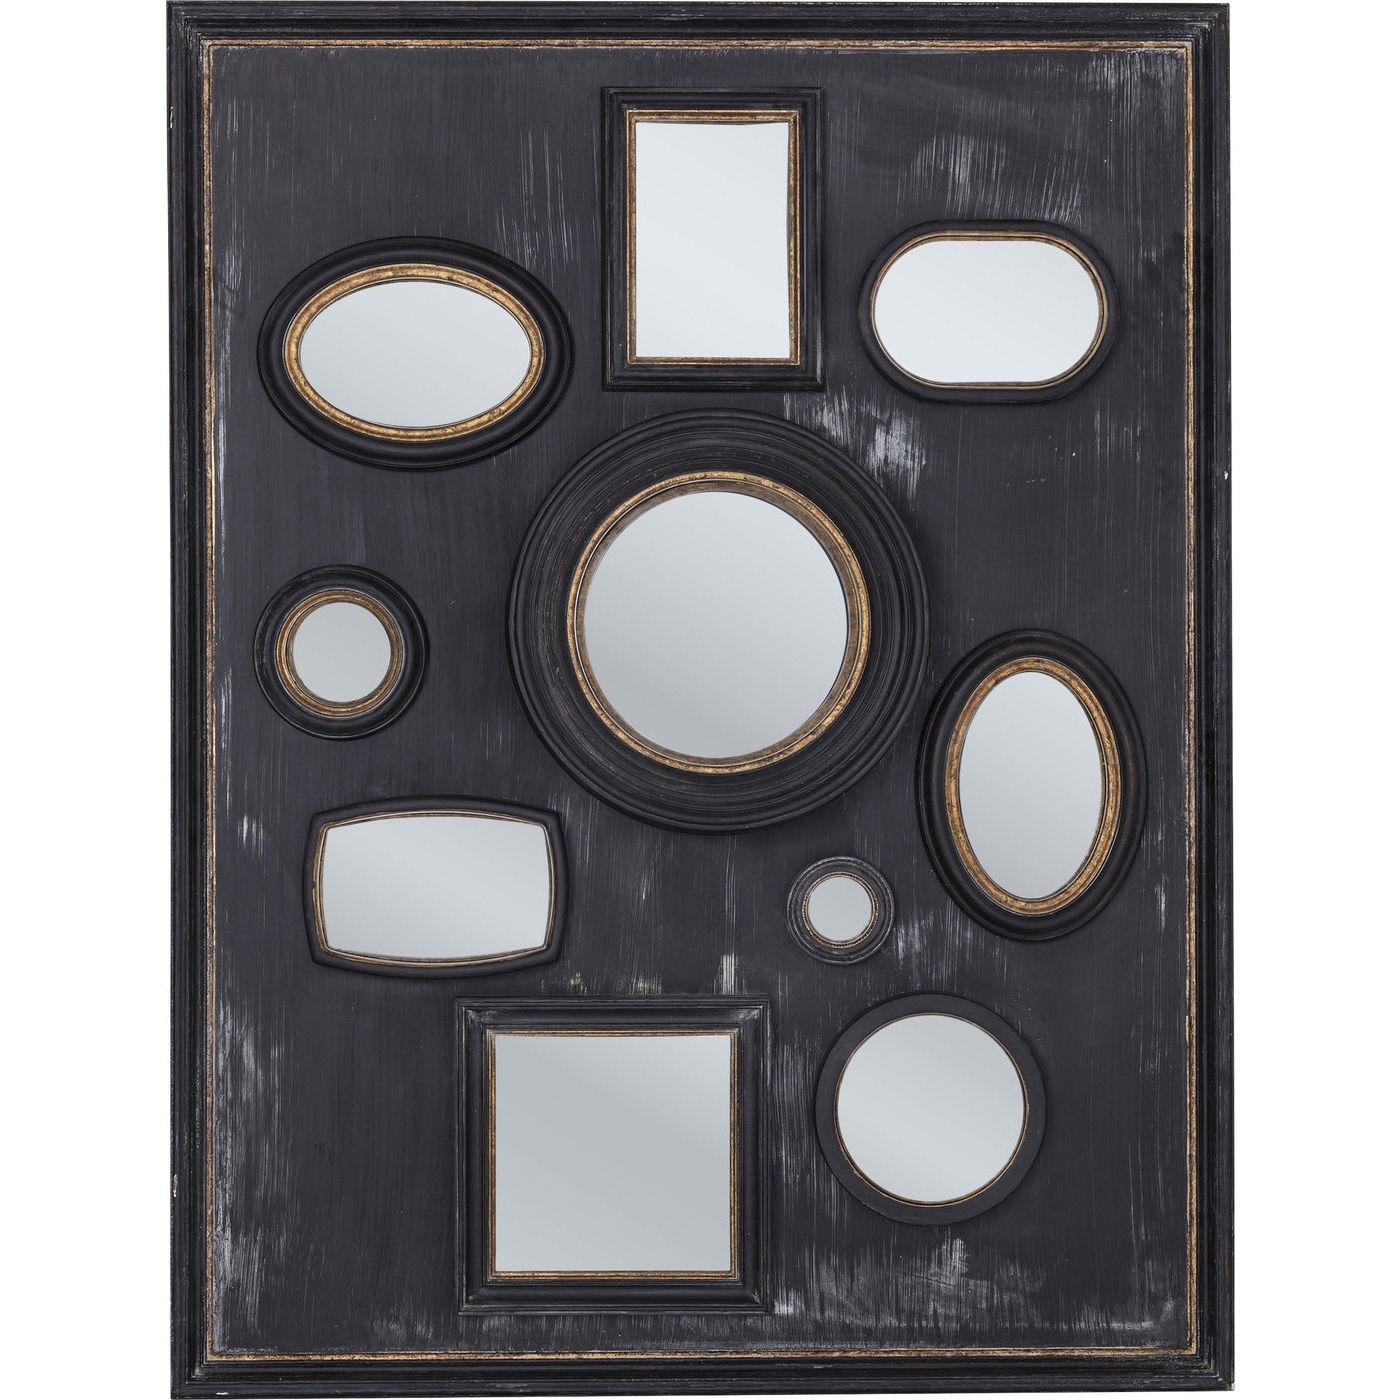 Billede af Kare Design Spejl, Collage m. Ramme Black 130x170cm